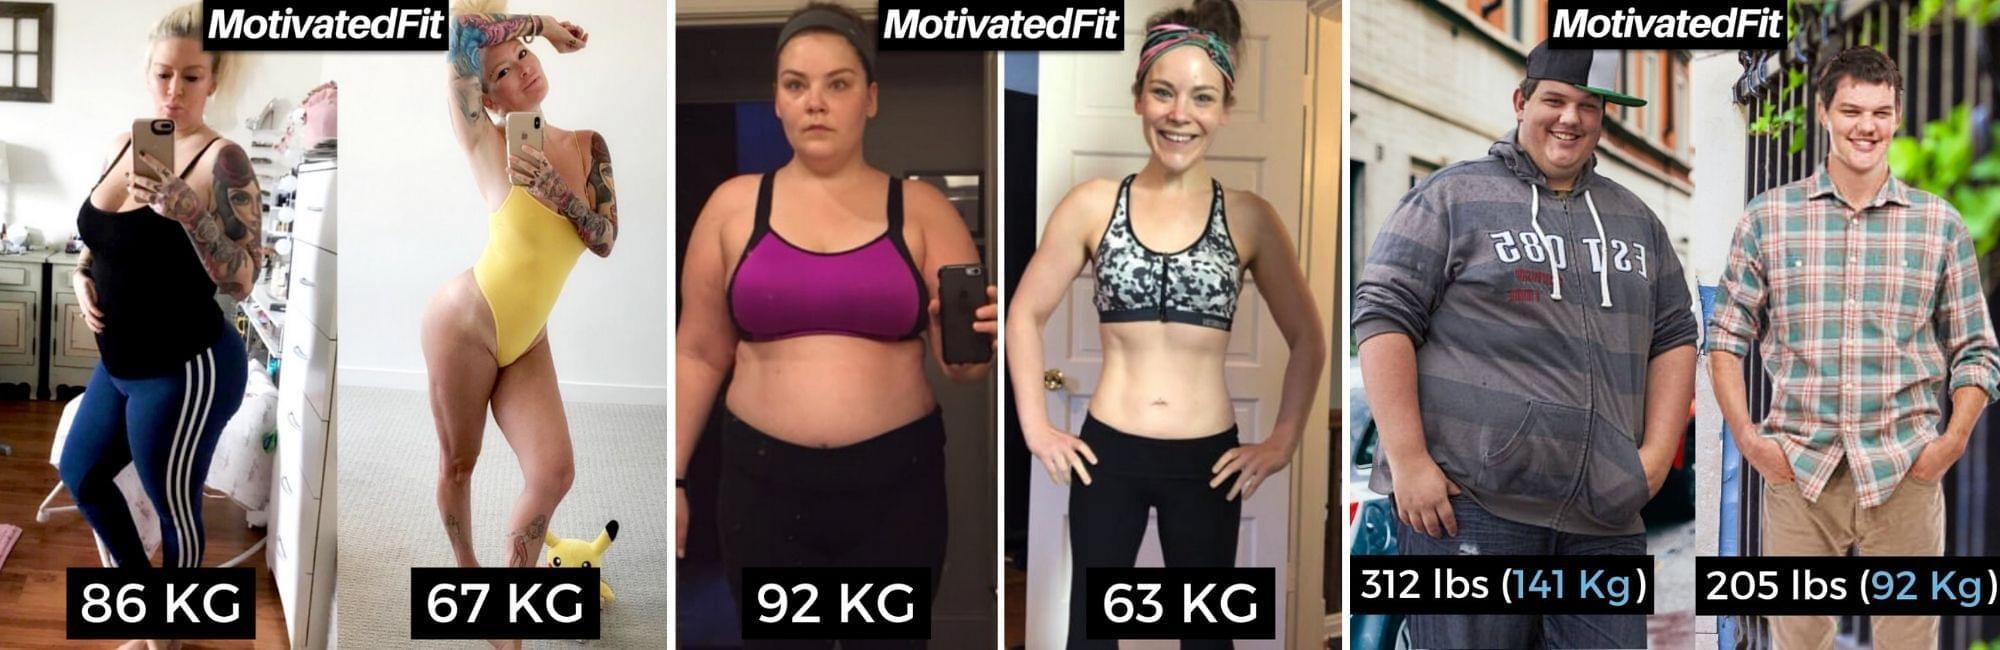 lose-1kg-a-week